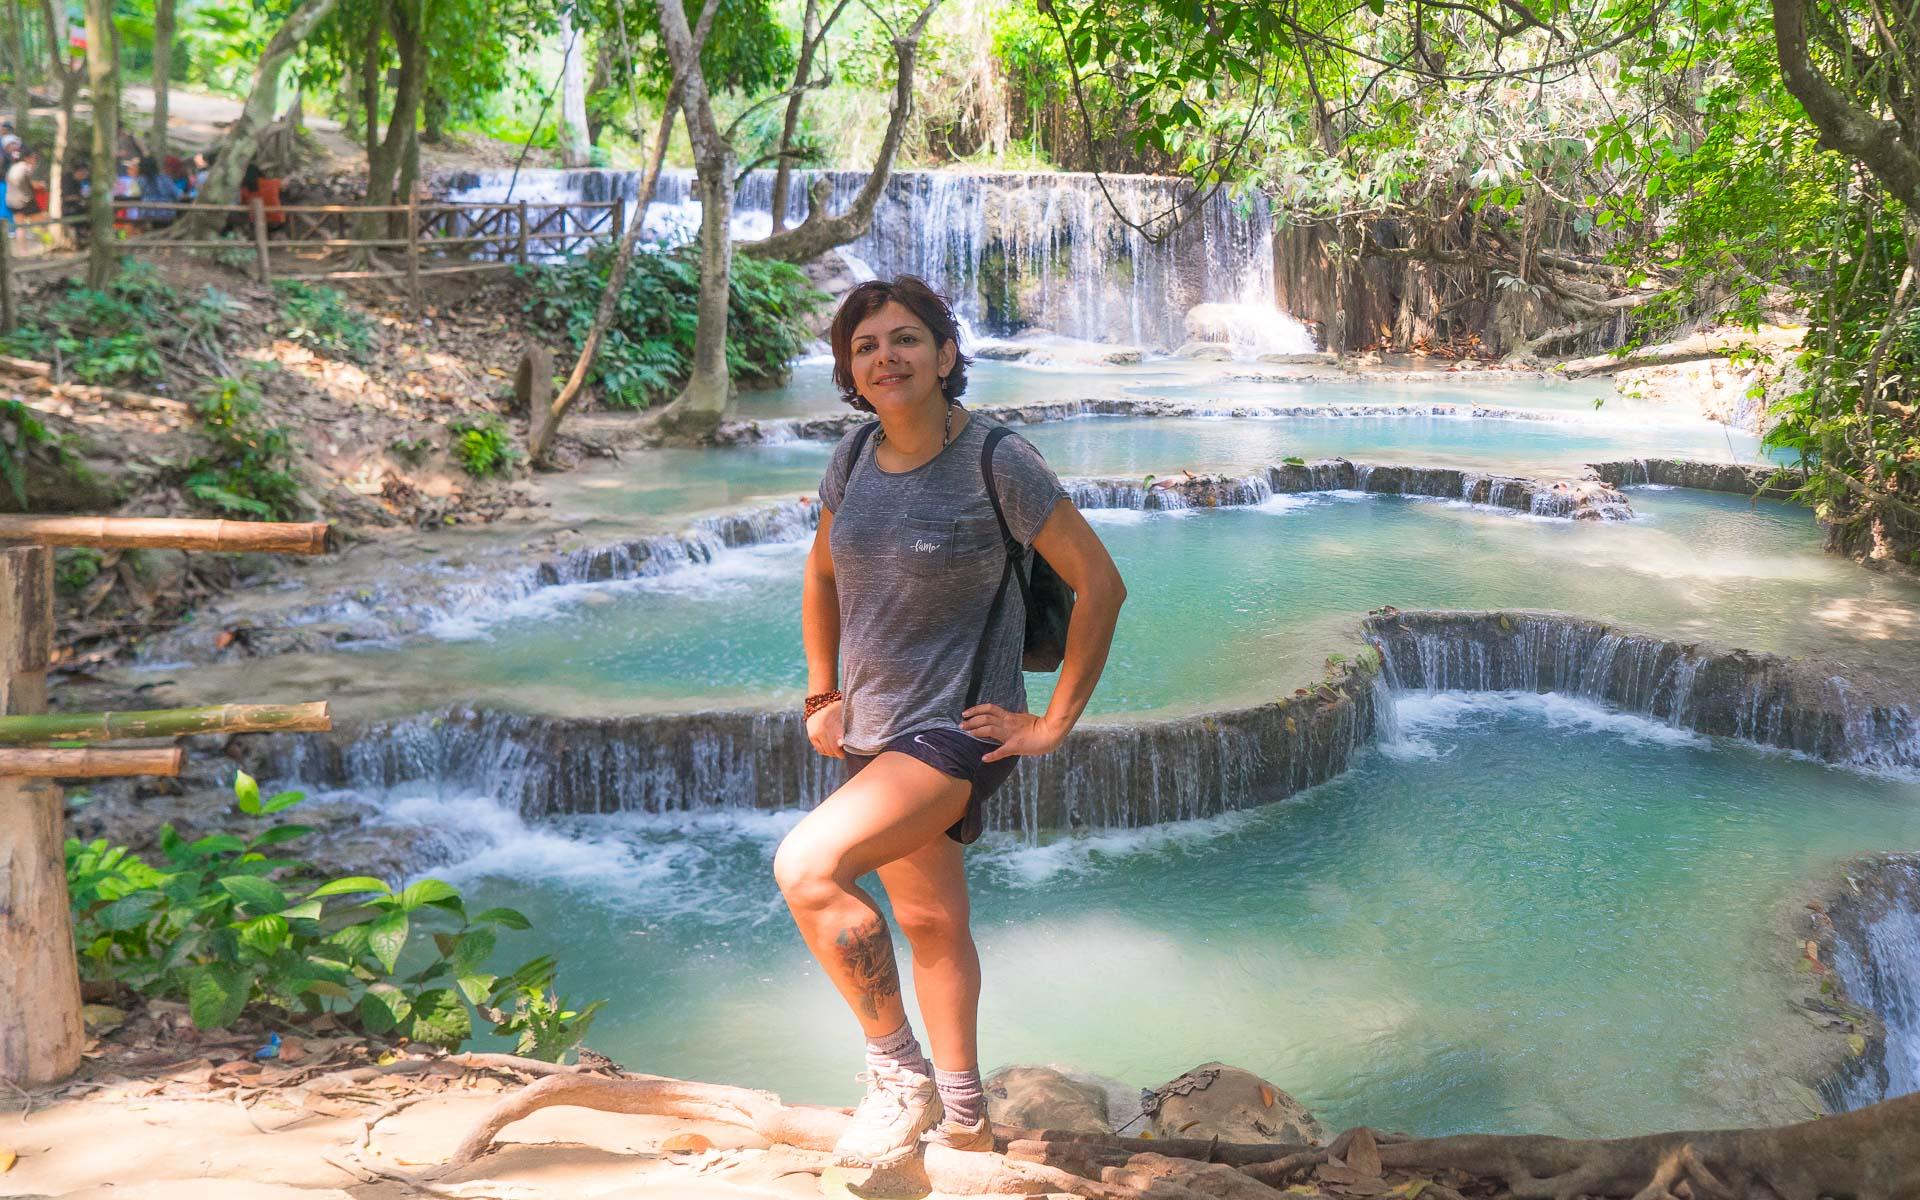 Lesvoyageuses-voyage-laos-luang-prabang-Kuang-si-cascades-6